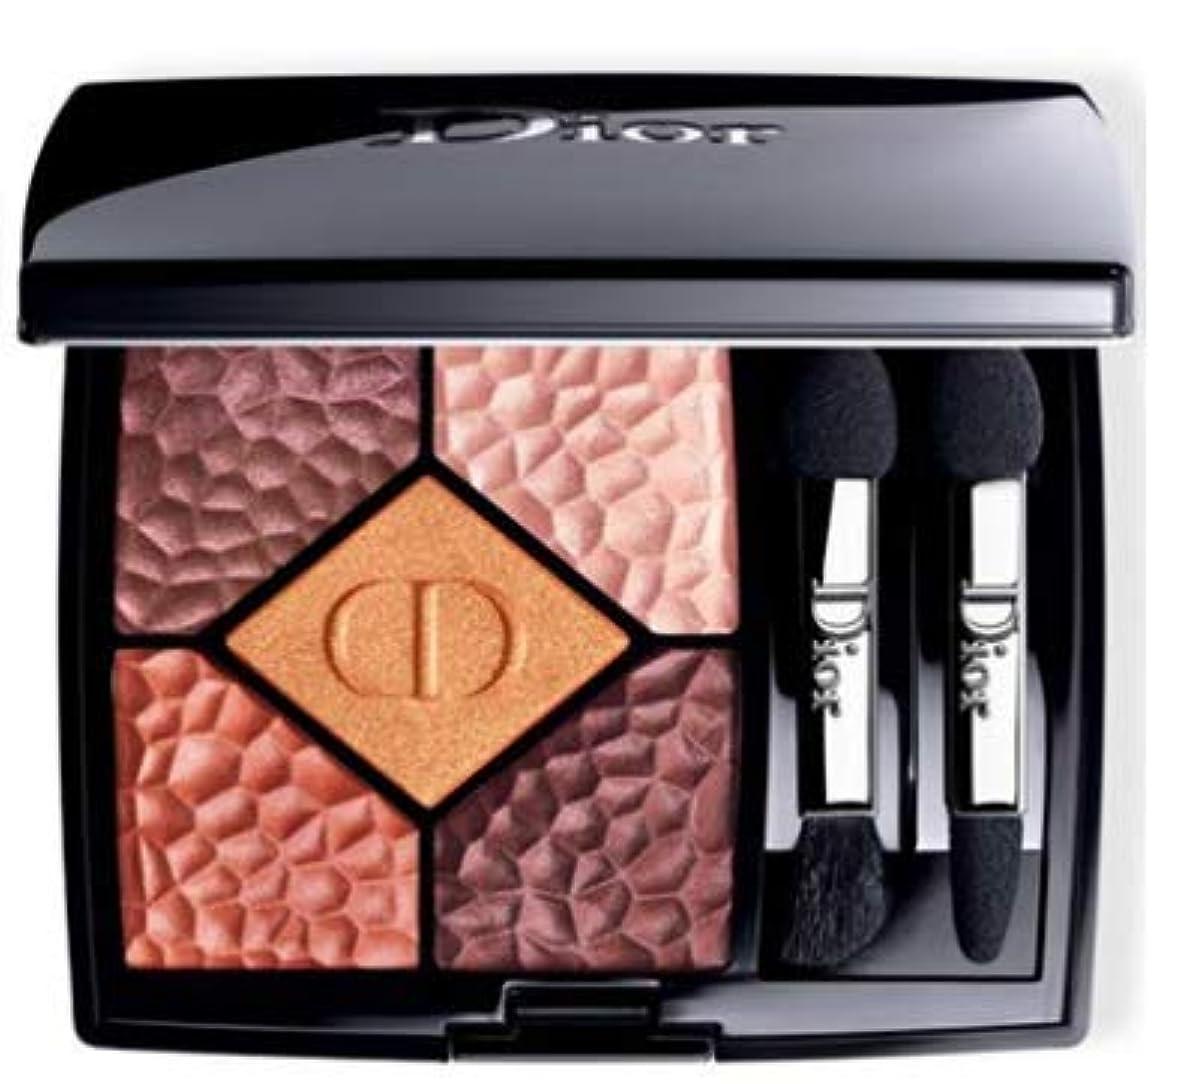 堀対処平和な【Dior(ディオール)】サンク クルール(ワイルドアース) (786 テラ)